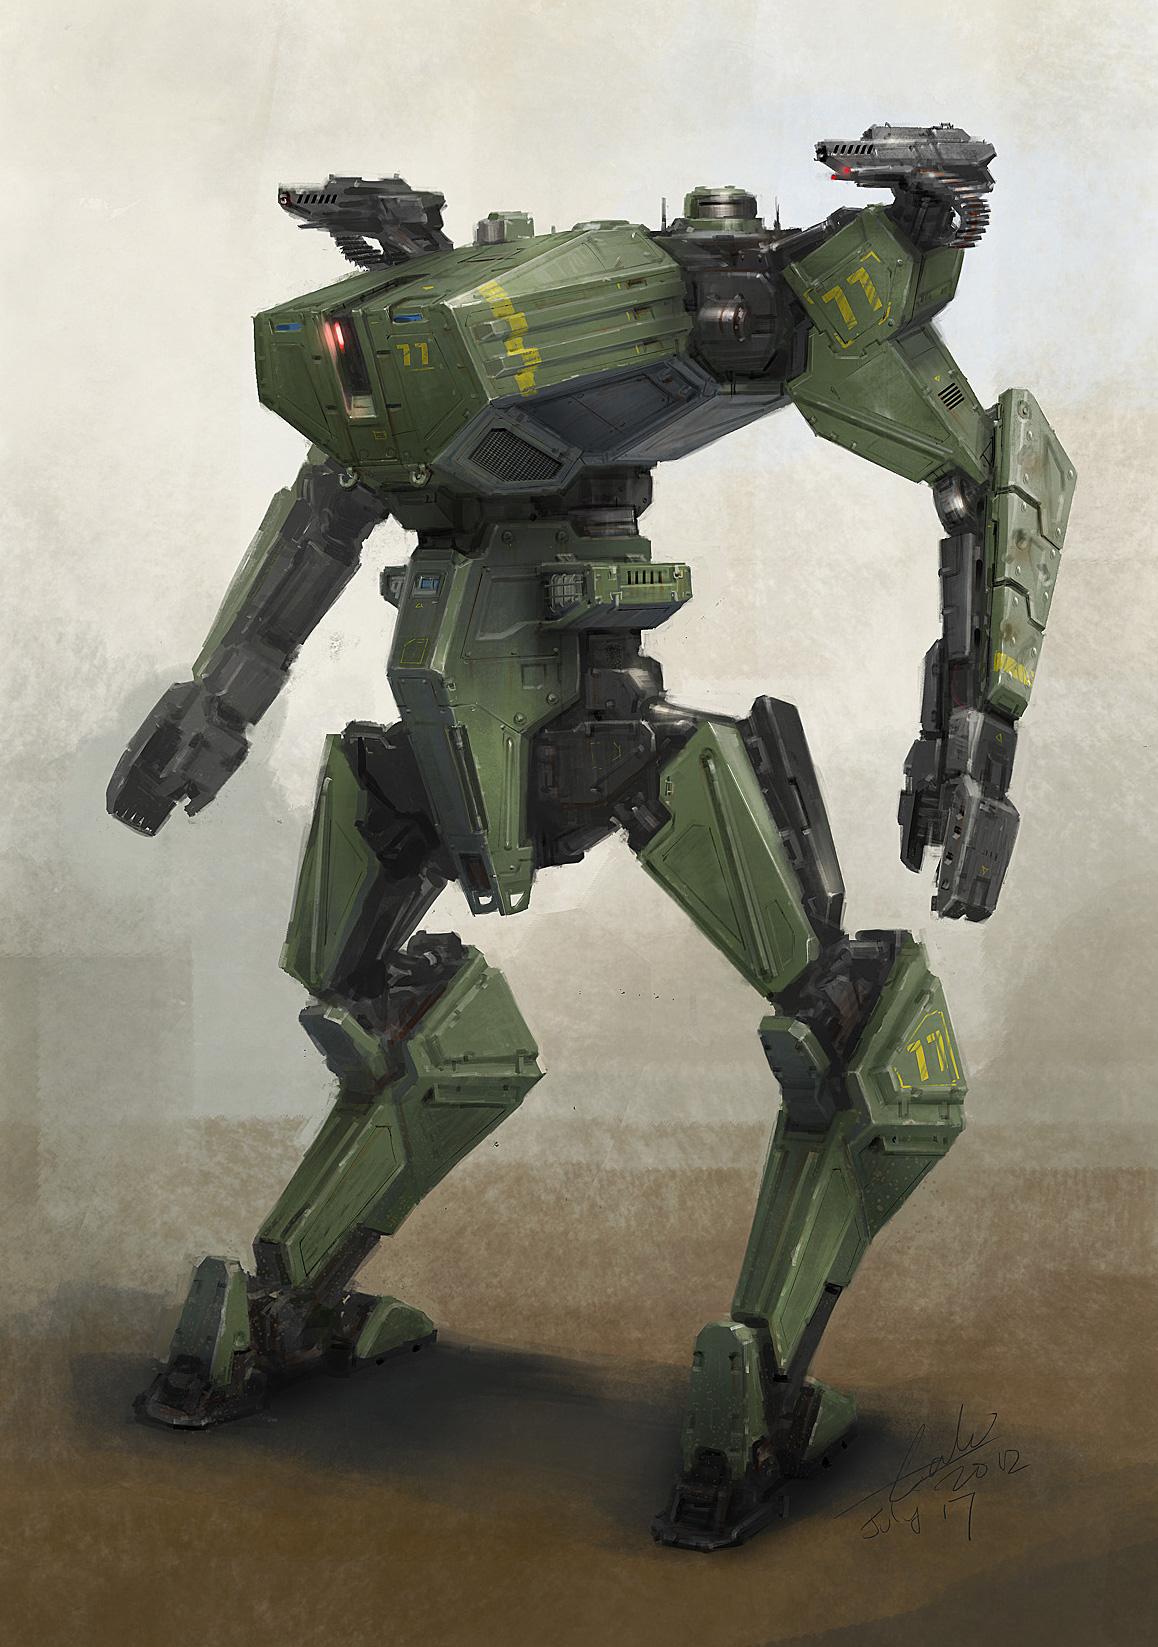 robot science fiction concept - photo #14